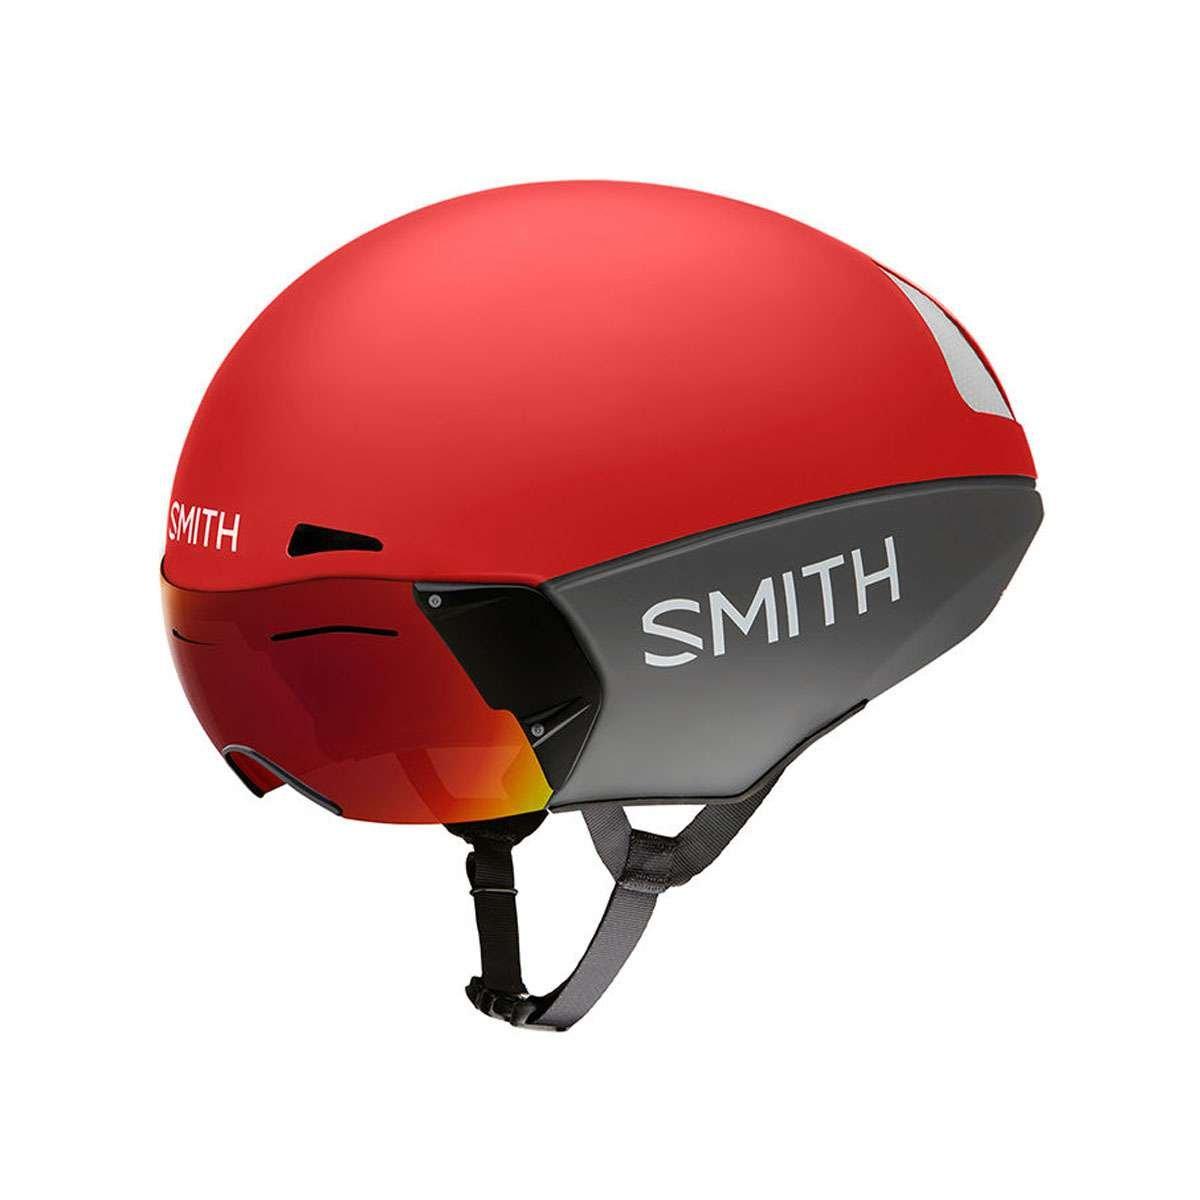 Smith Optics Podium TT MIPS成人用オフロードサイクリングヘルメット - Matte Rise Large